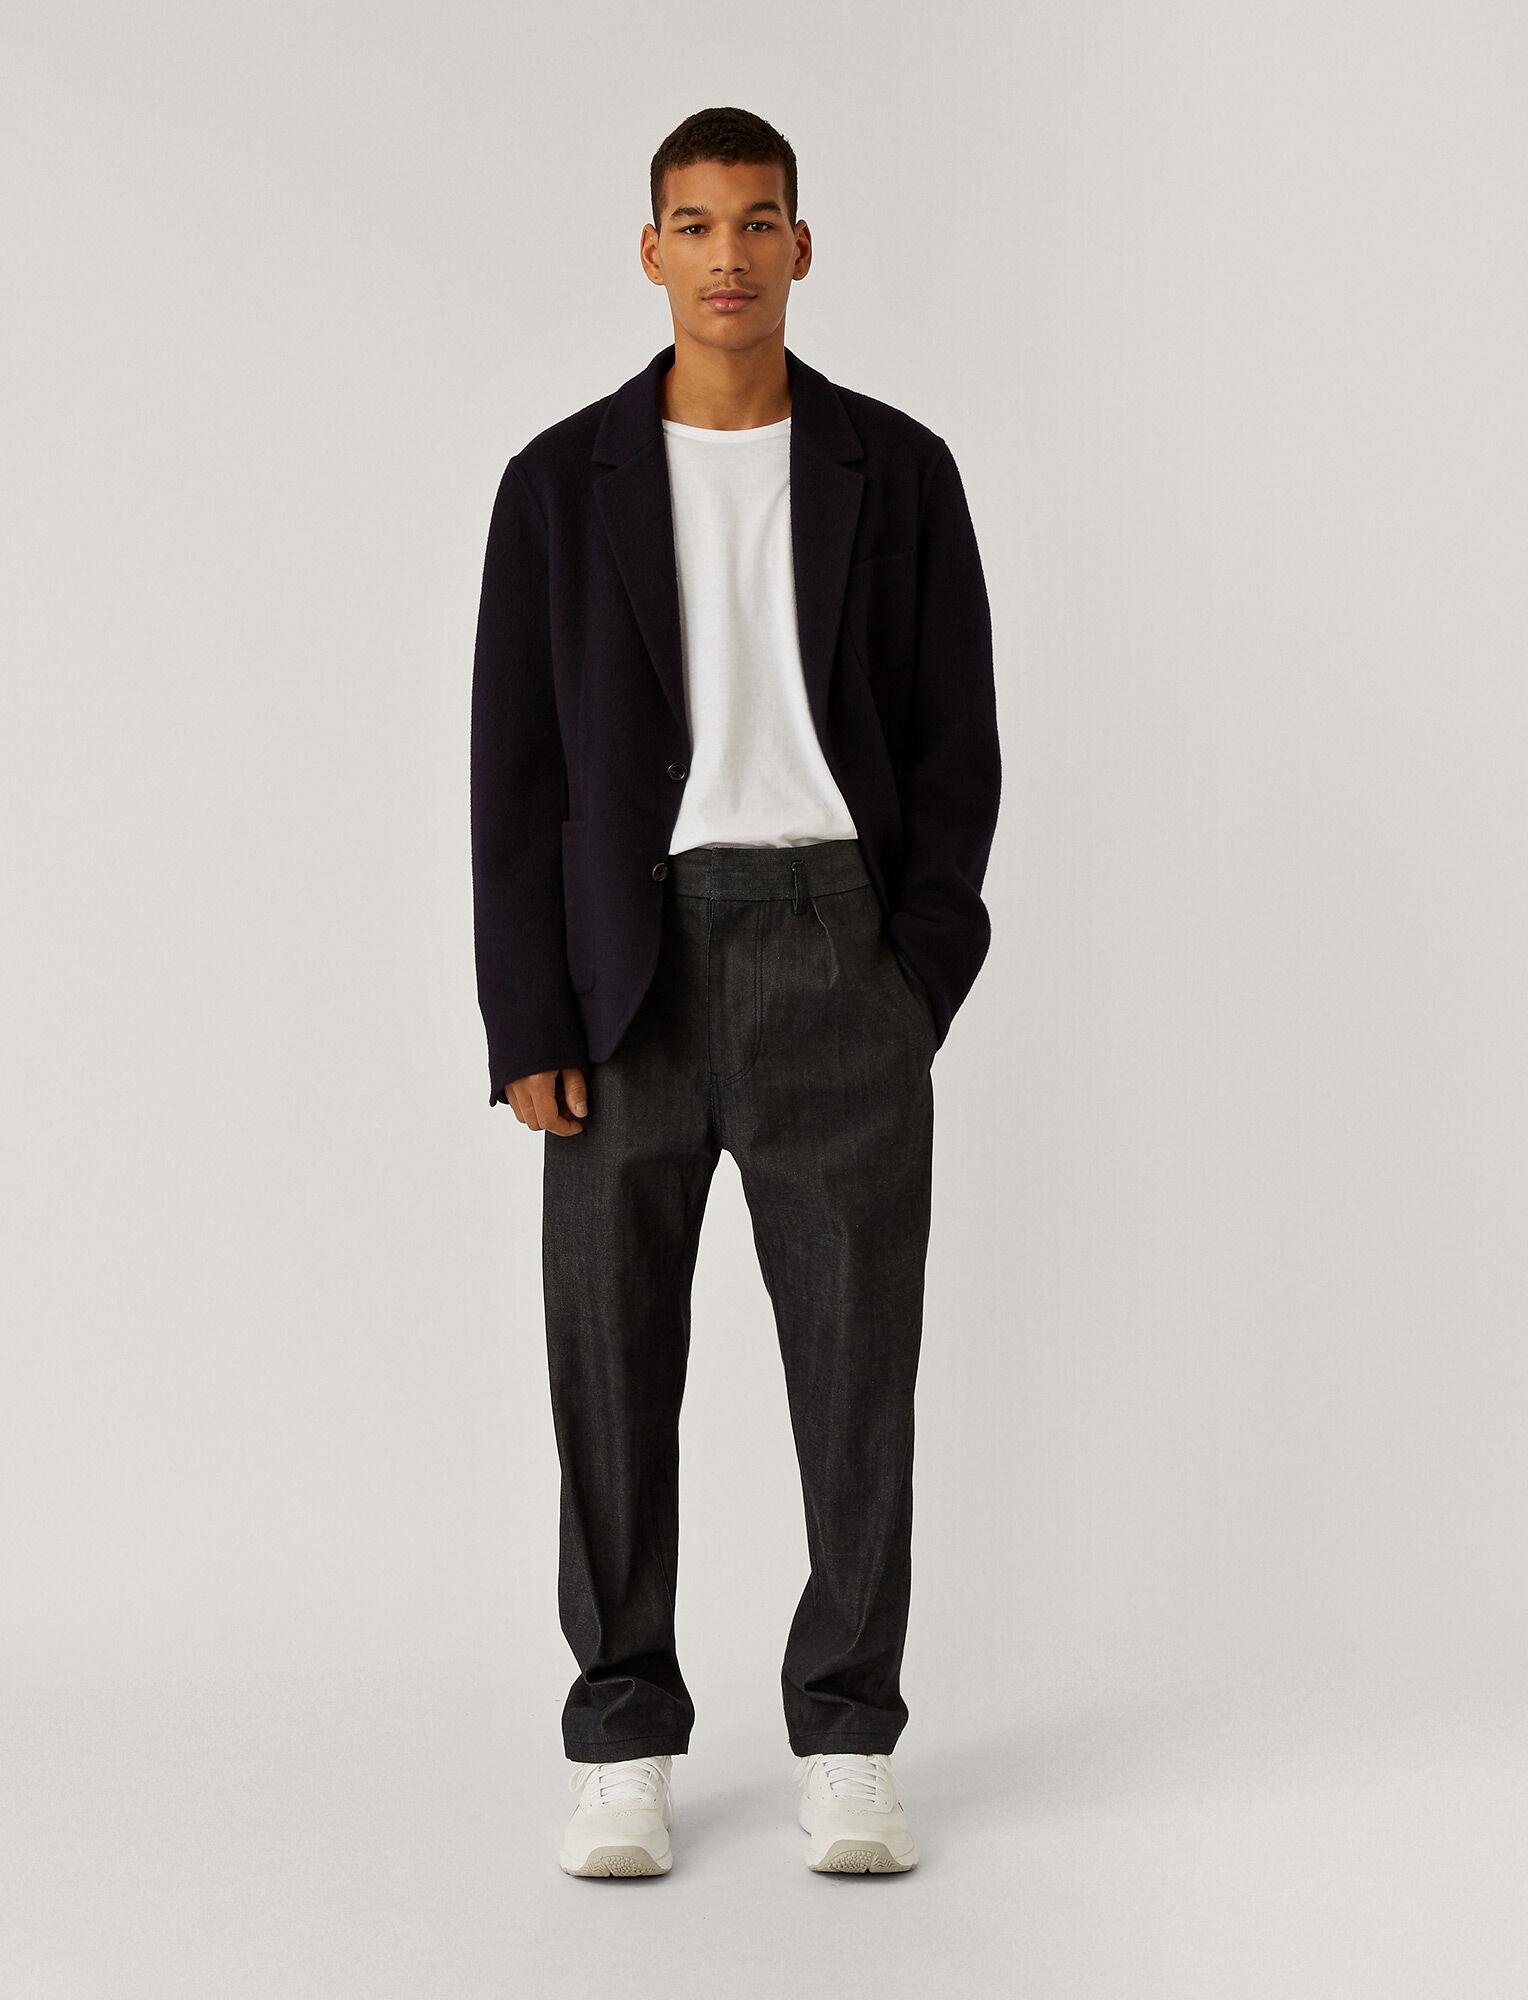 Joseph, Pantalon Officer en selvedge bio, in NAVY